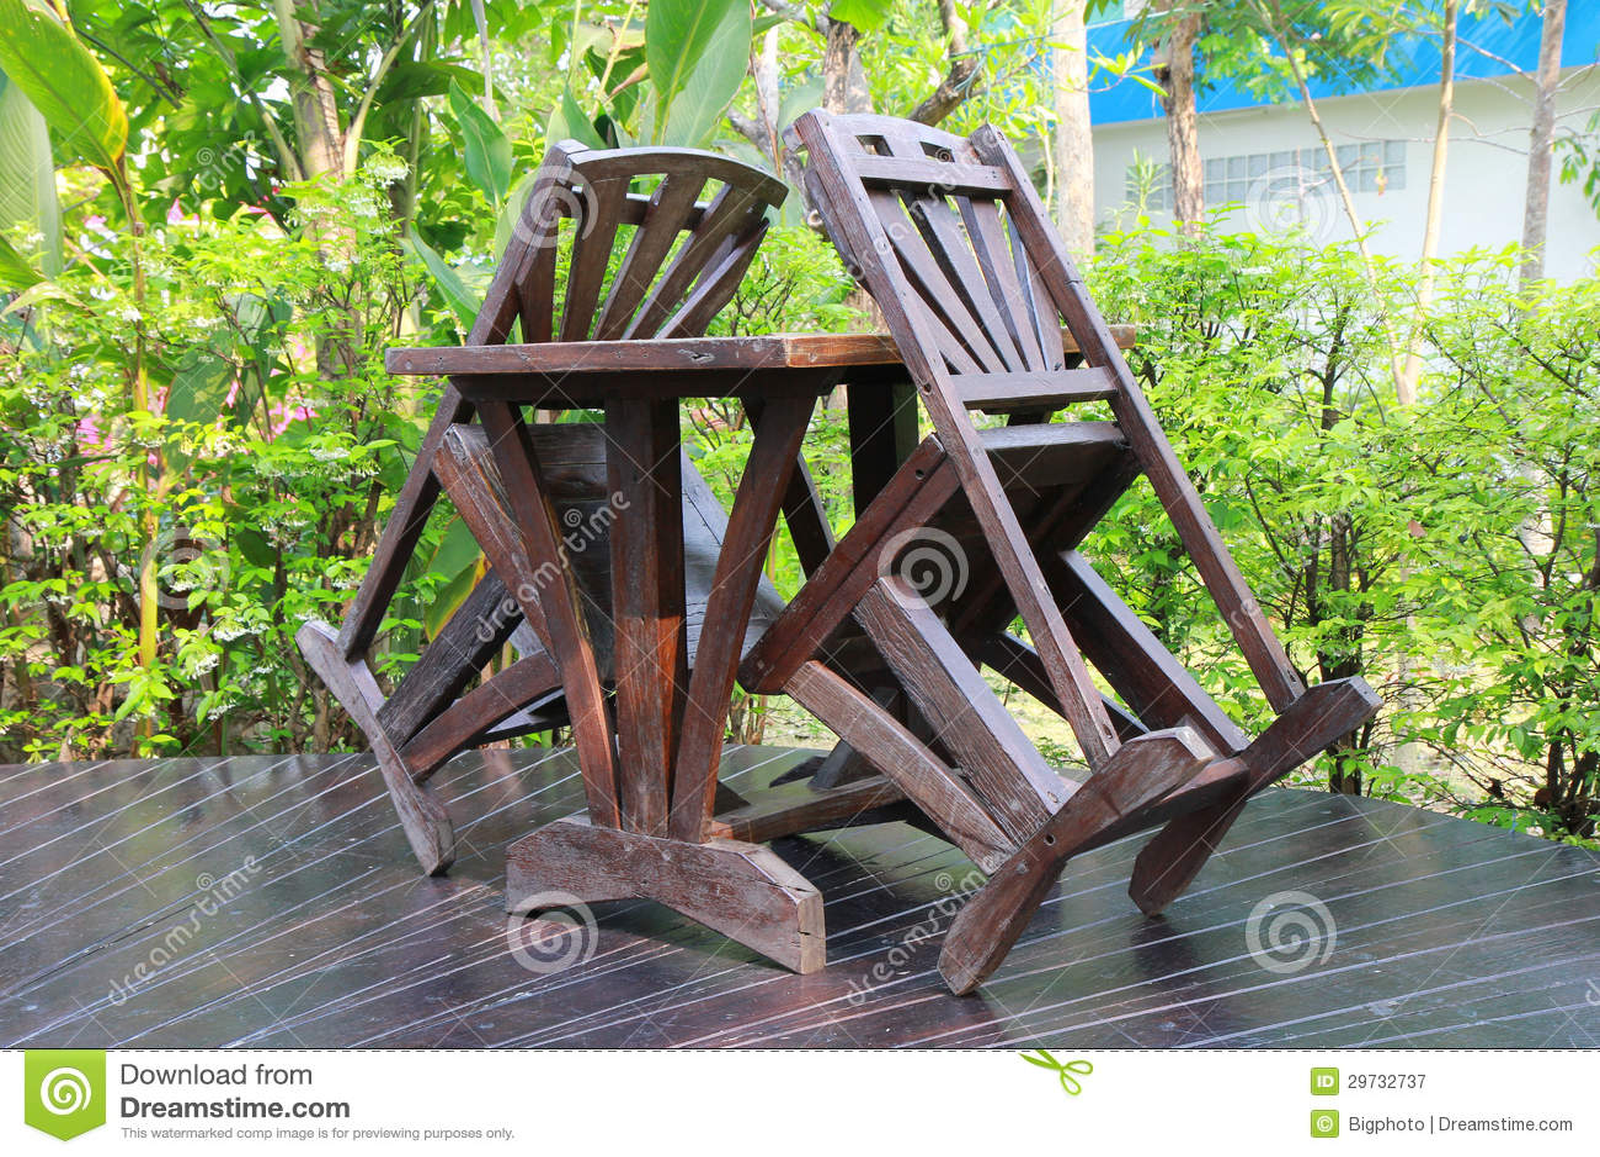 Een houten die eettafel in het weelderige tuin plaatsen wordt geplaatst stock afbeelding - Eettafel houten ontwerp ...